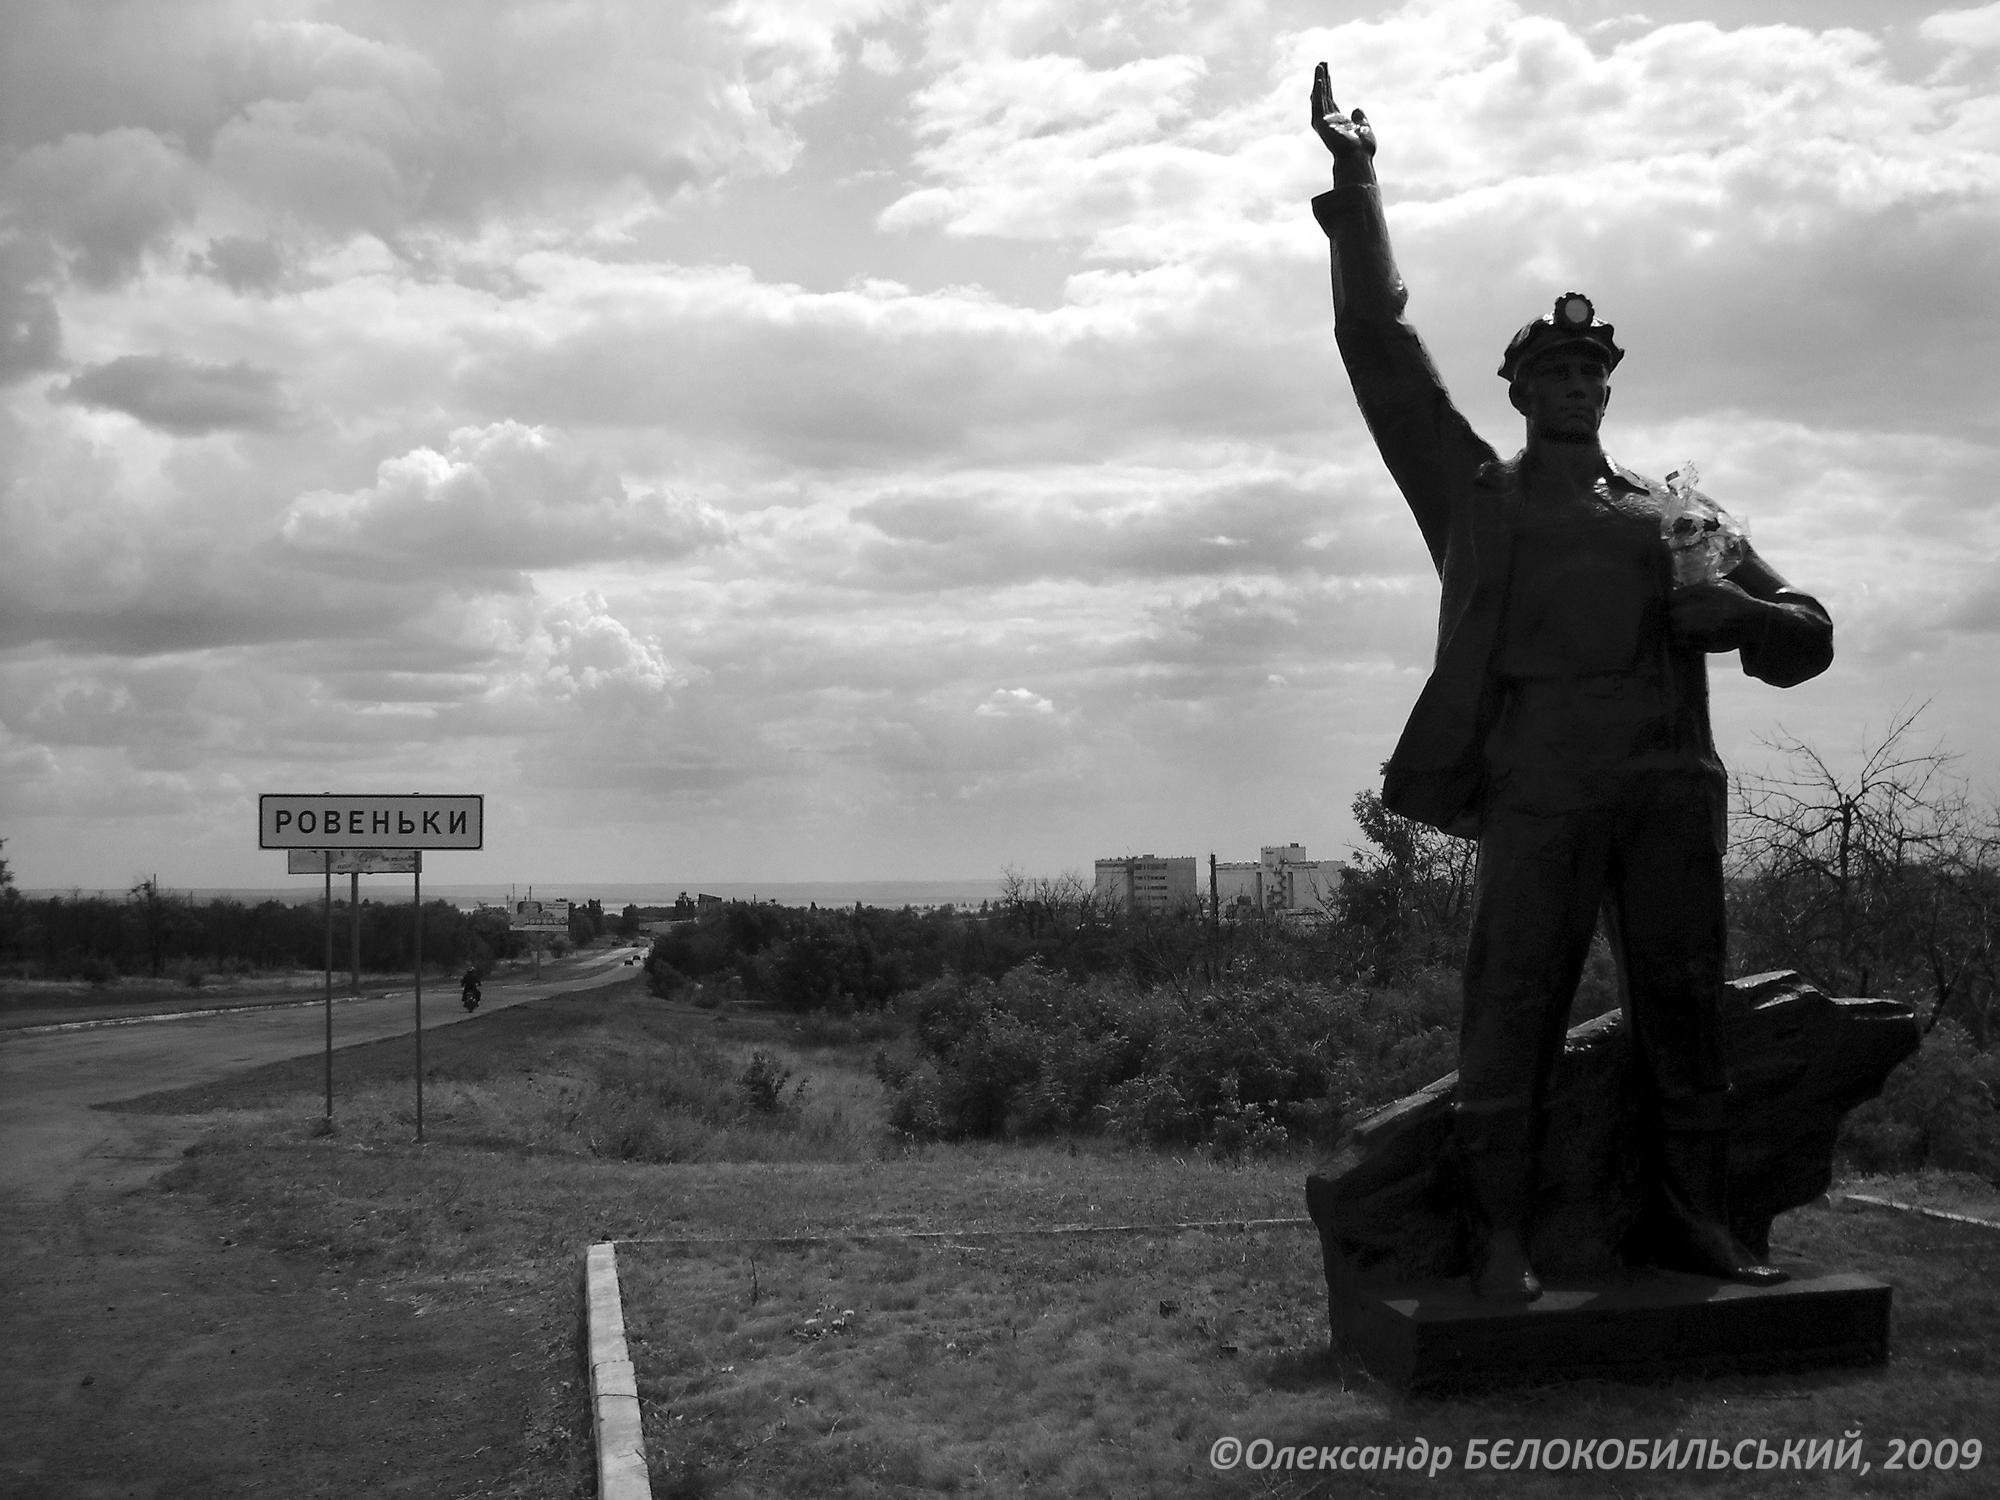 Вугілля з Росії: імпорт чи контрабанда з окупованих територій?